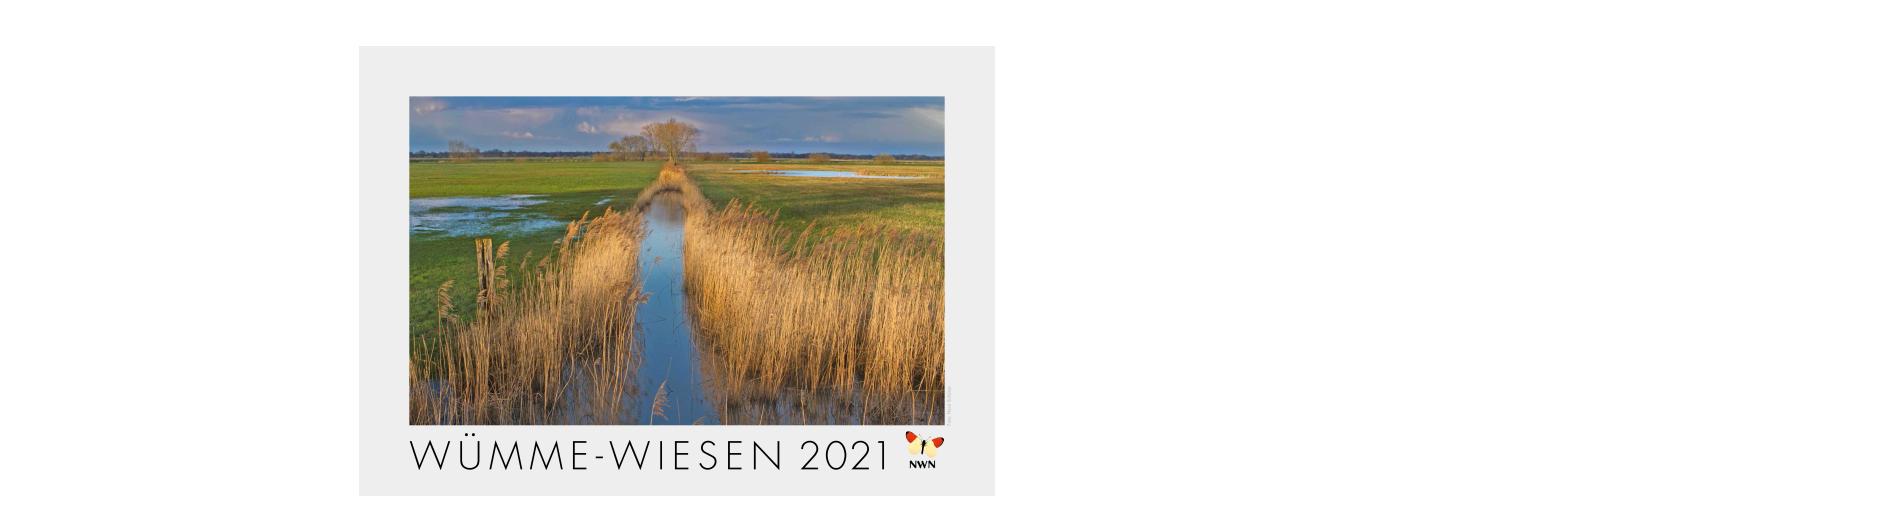 Kalender für das Jahr 2021